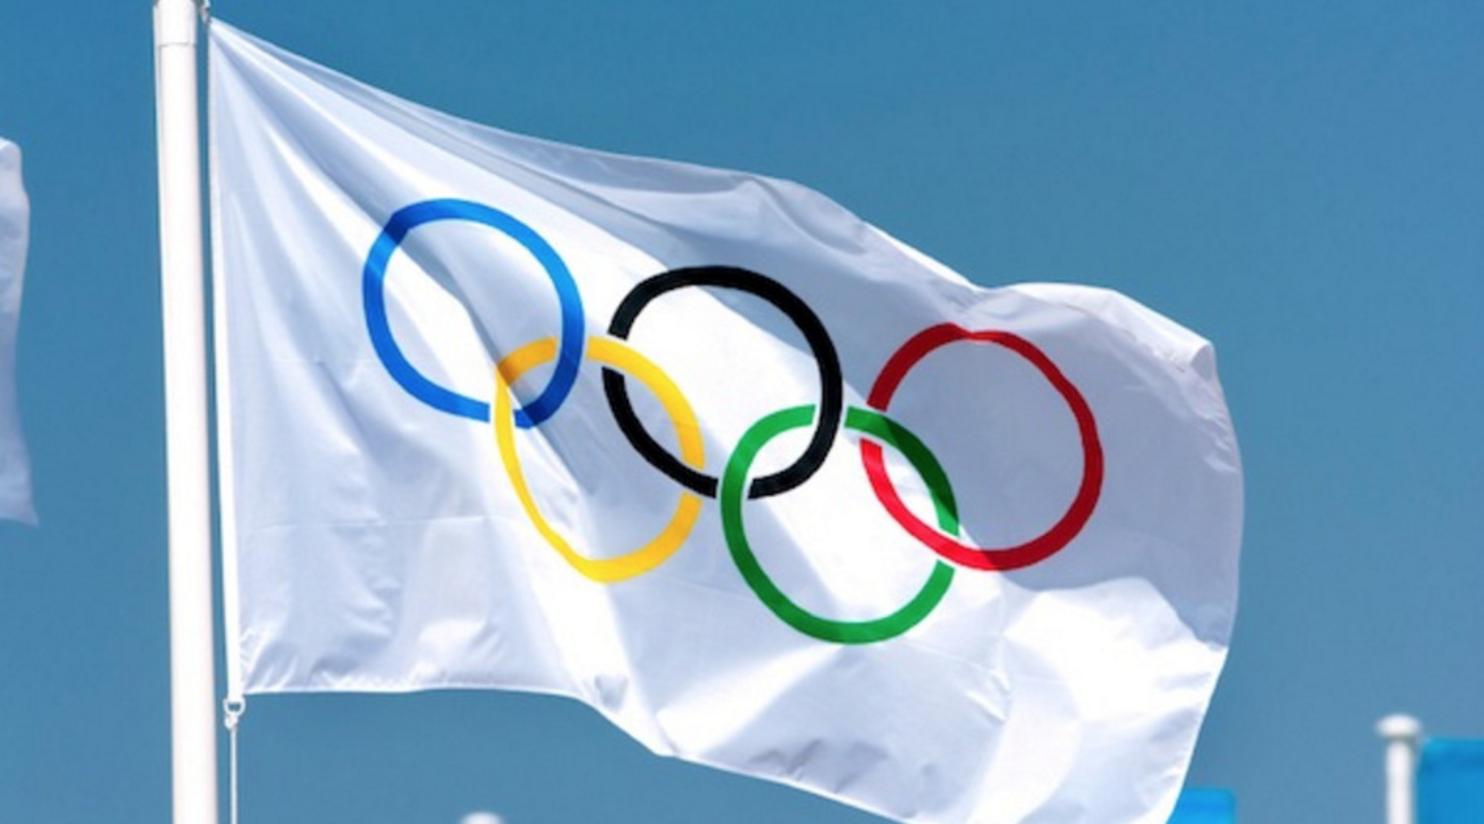 Olimpiyat oyunlarına dev sponsor!